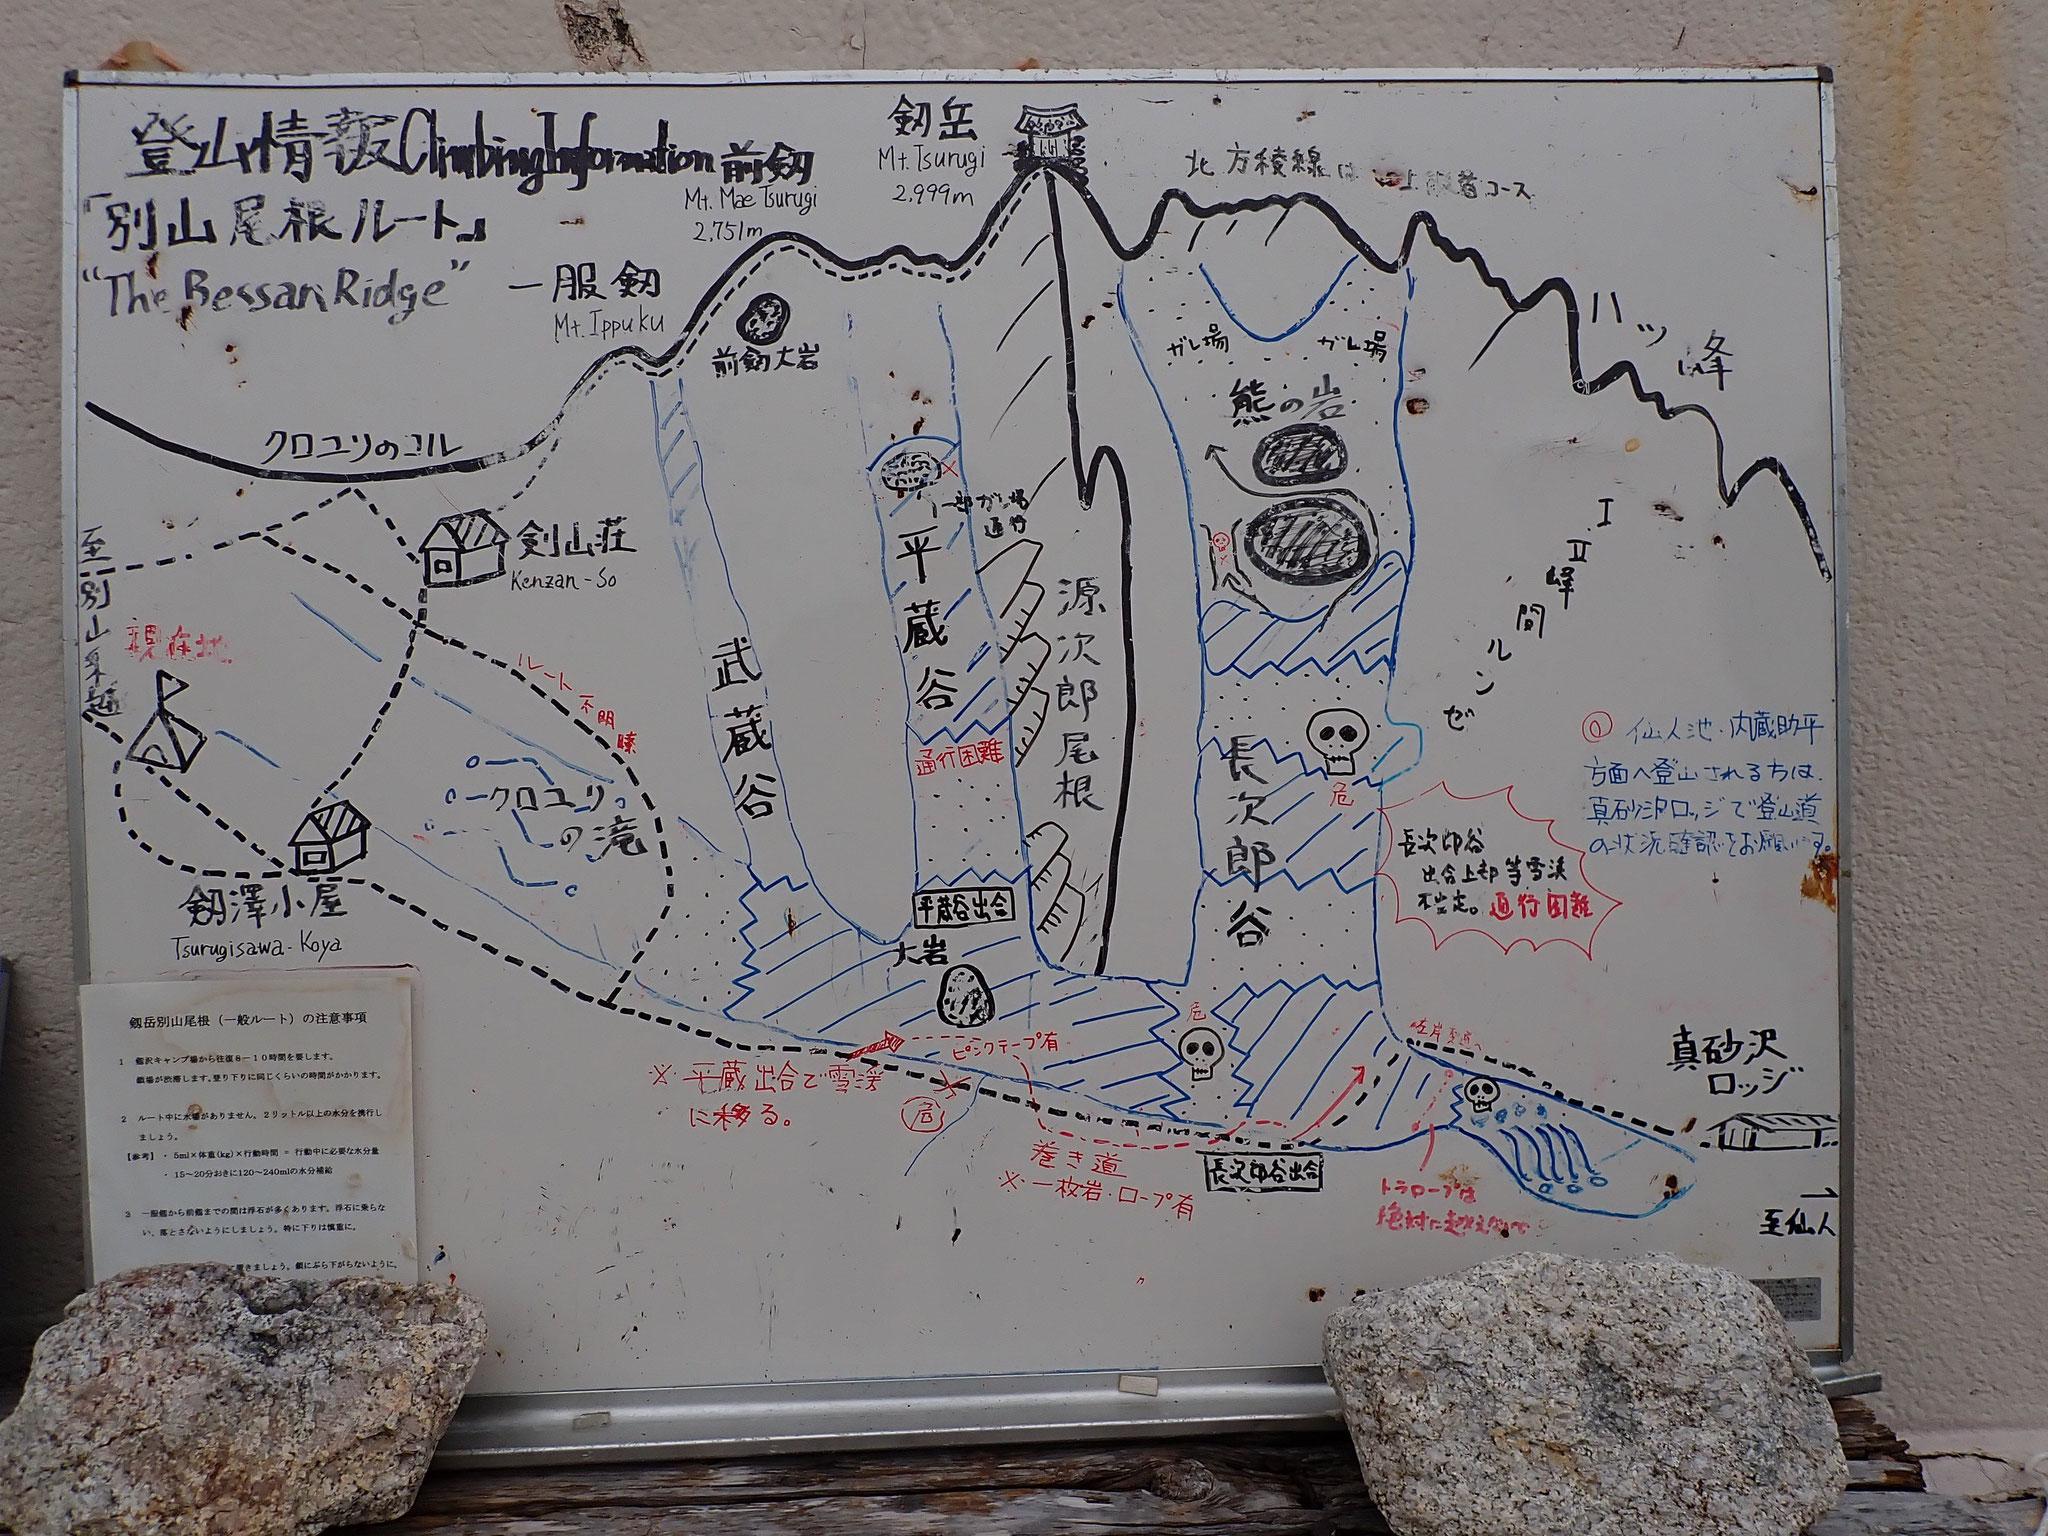 9/24 16:05 剣沢キャンプ場